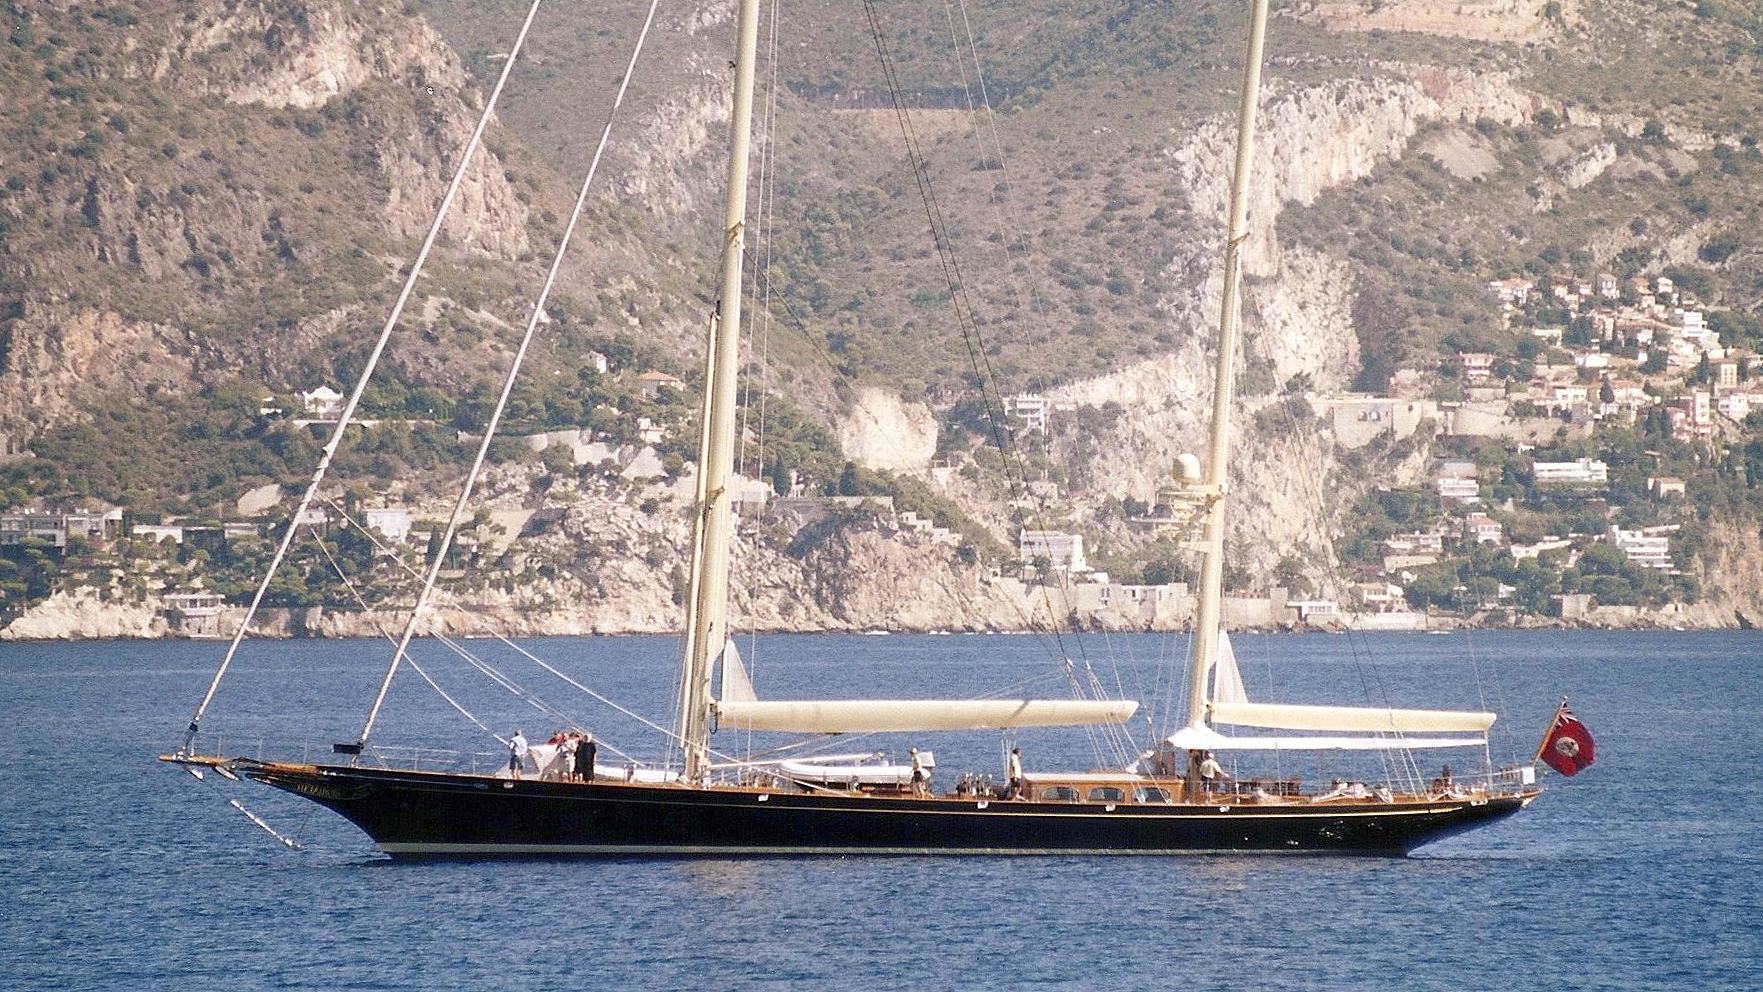 asgard-sailing-yacht-abeking-rasmussen-1993-43m-profile